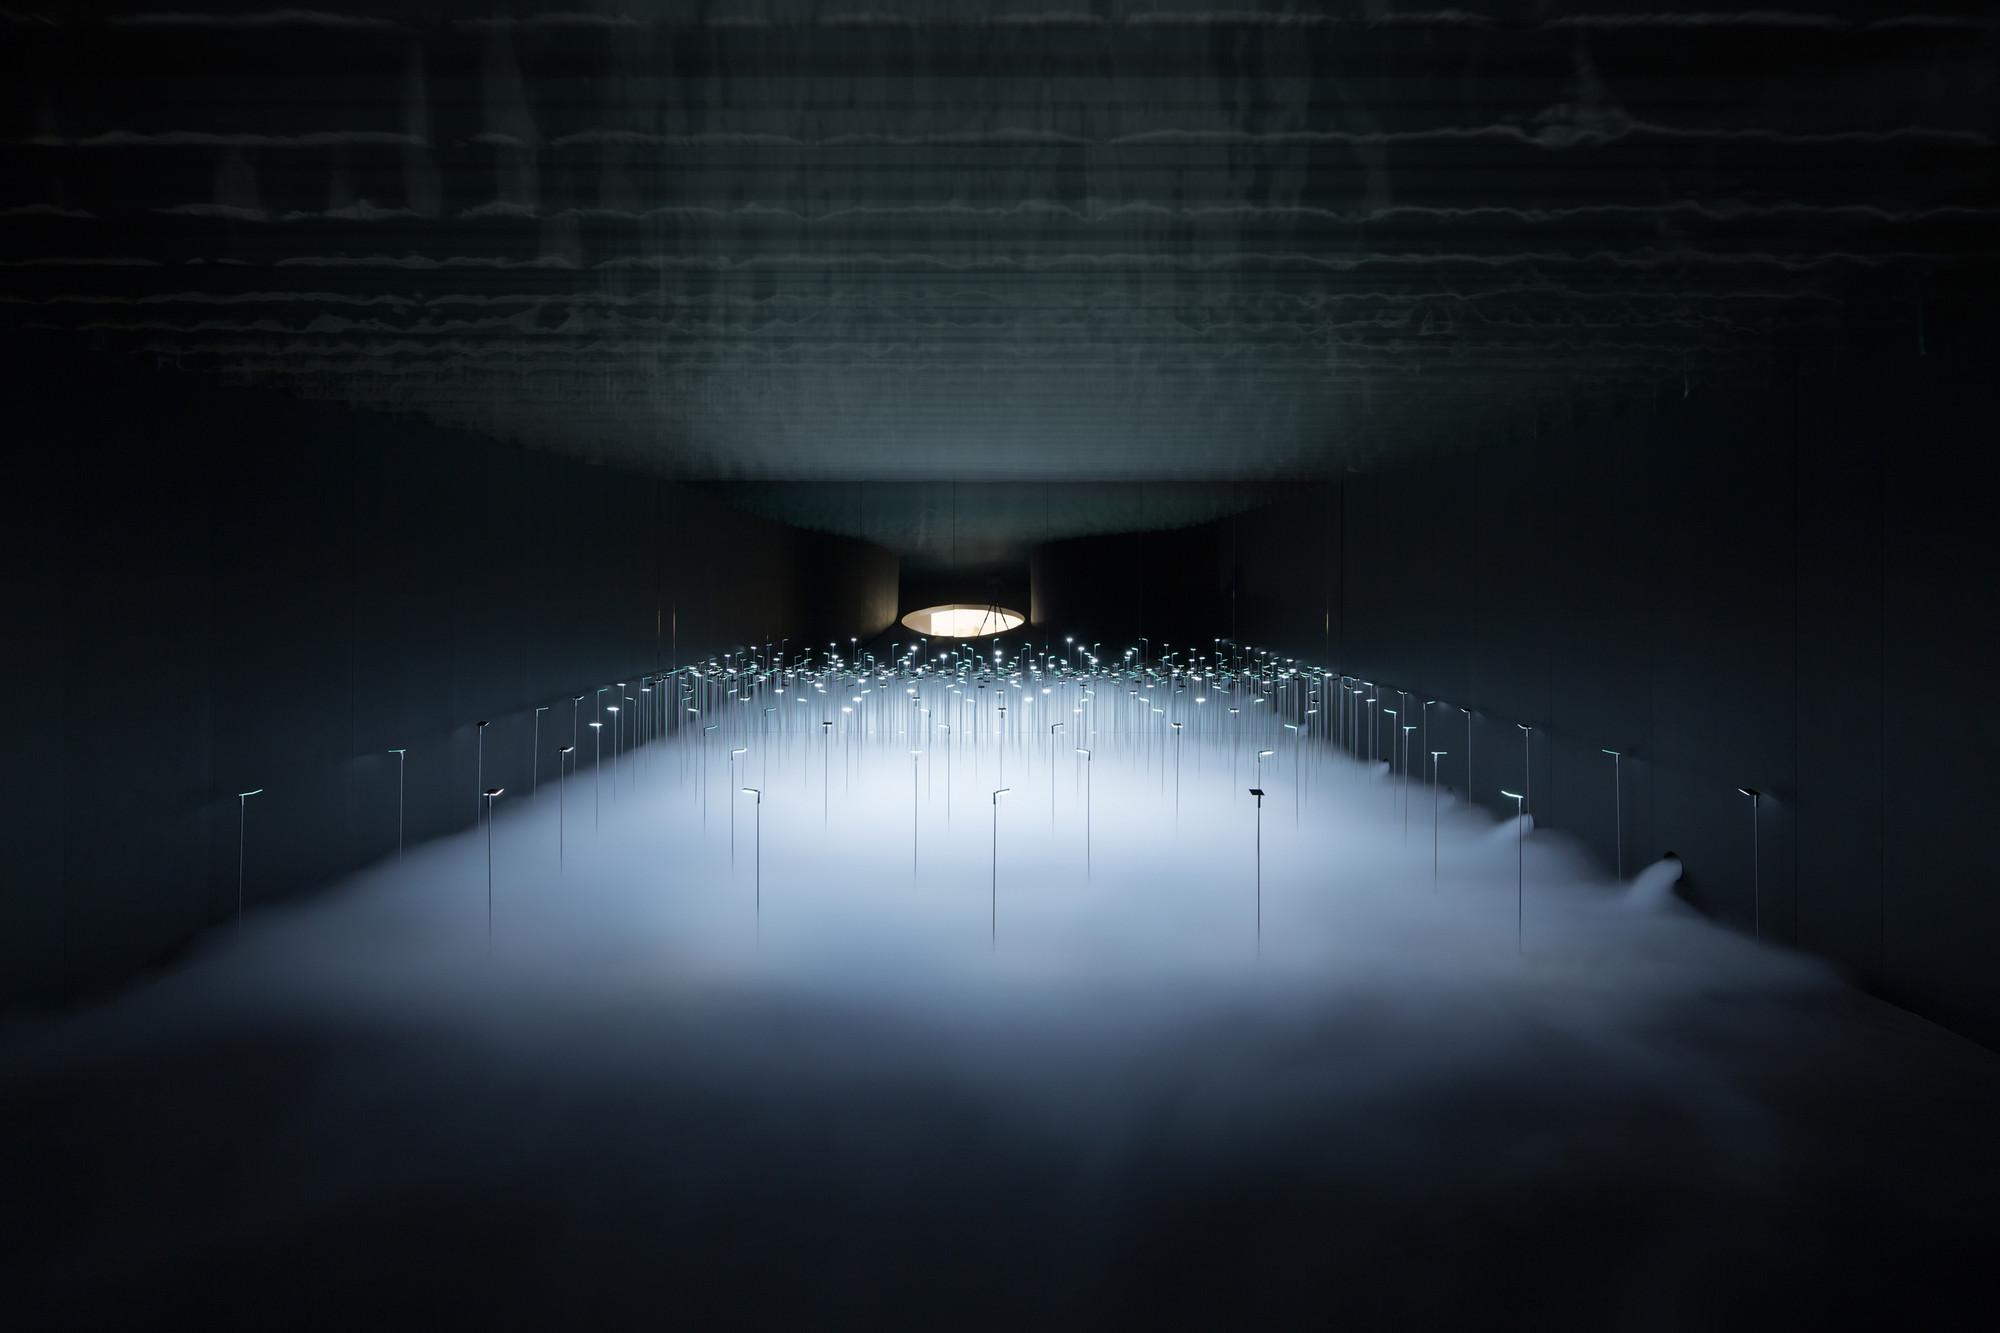 Proyecto de Iluminación: Instalación Infuse por Chikara Ohno / sinato, © Takumi Ota